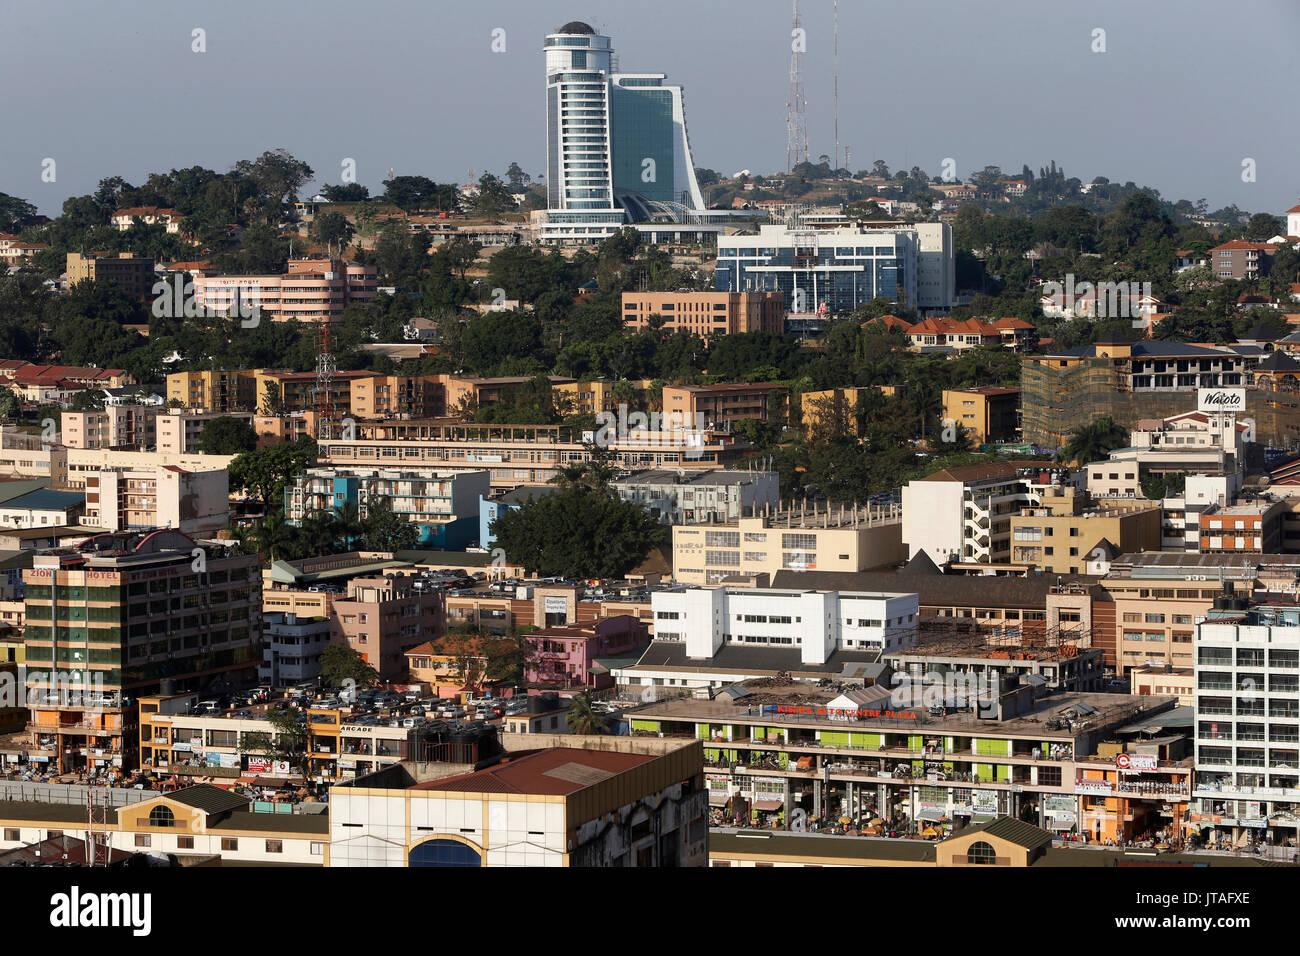 La ciudad de Kampala, Uganda, África Imagen De Stock